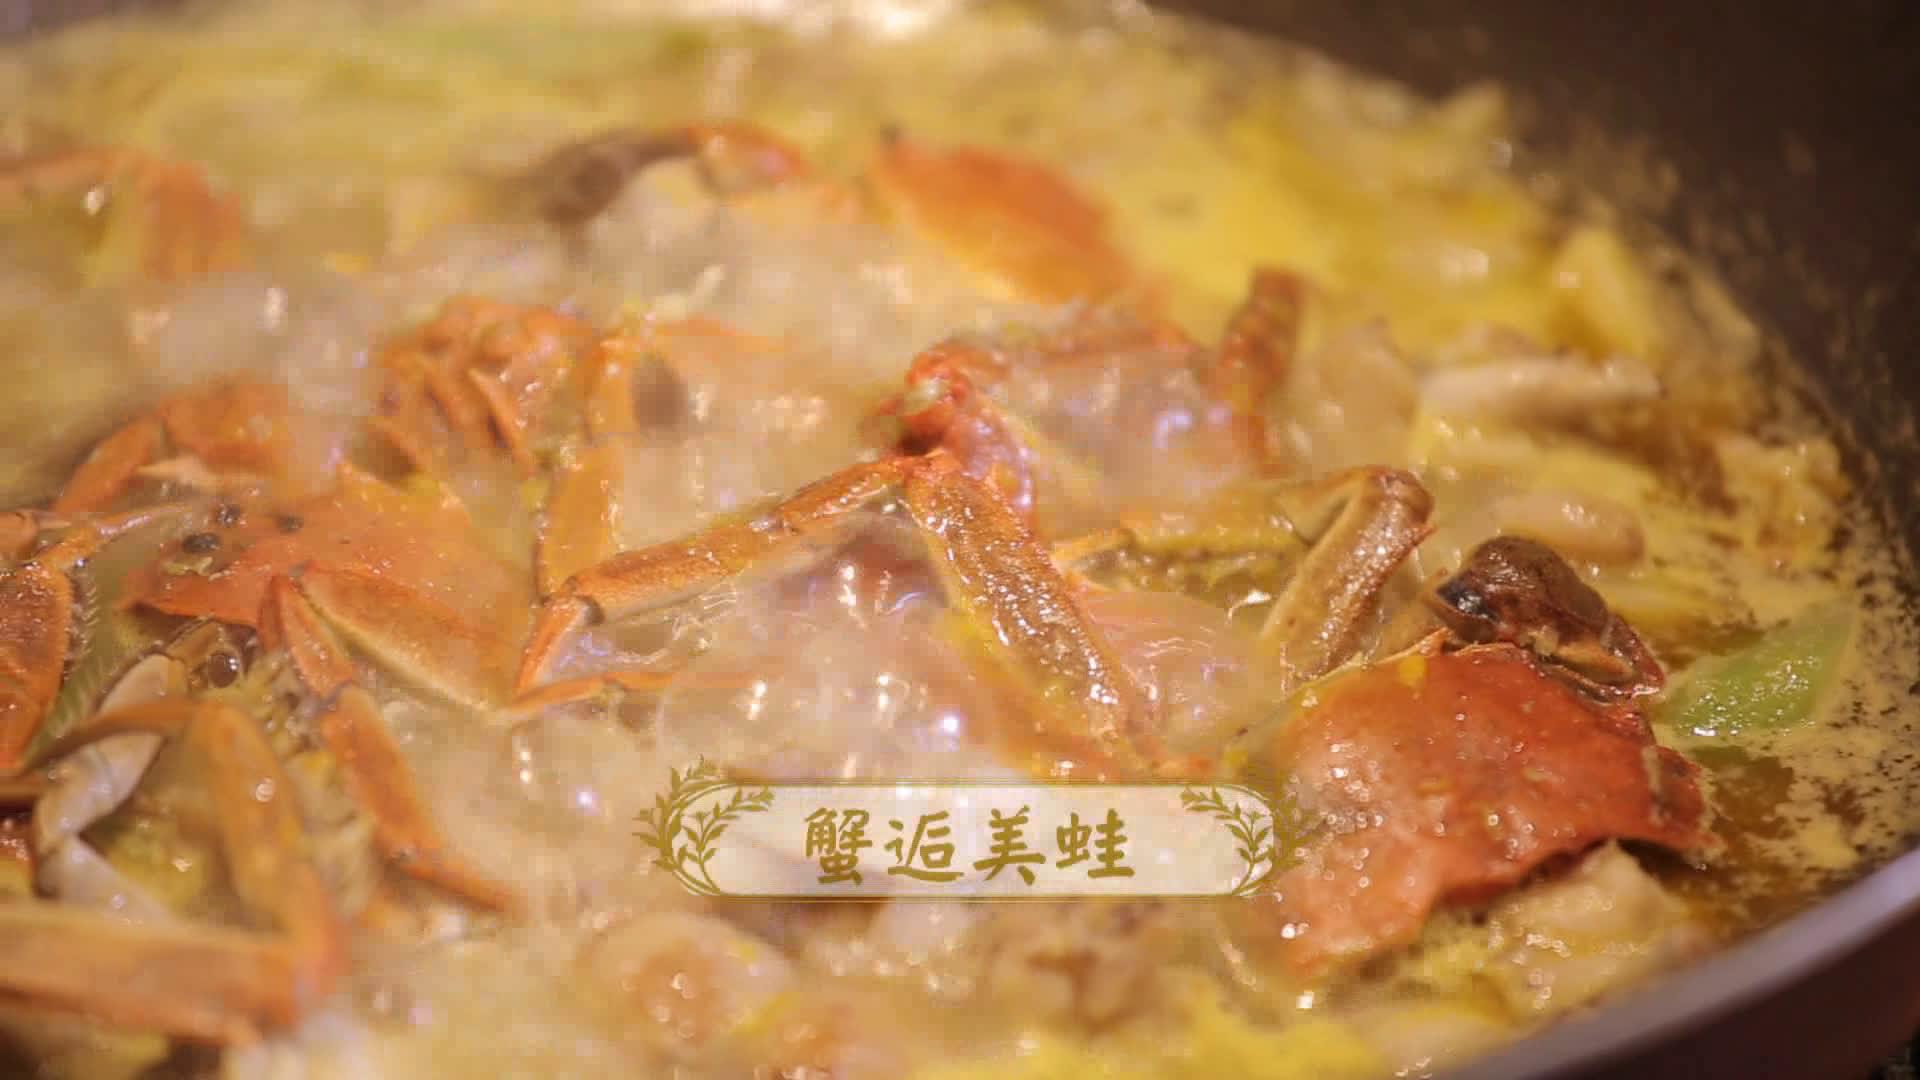 小编还是吃吃小螃蟹好了这个季节的螃蟹最好吃啦!这道蟹逅美蛙